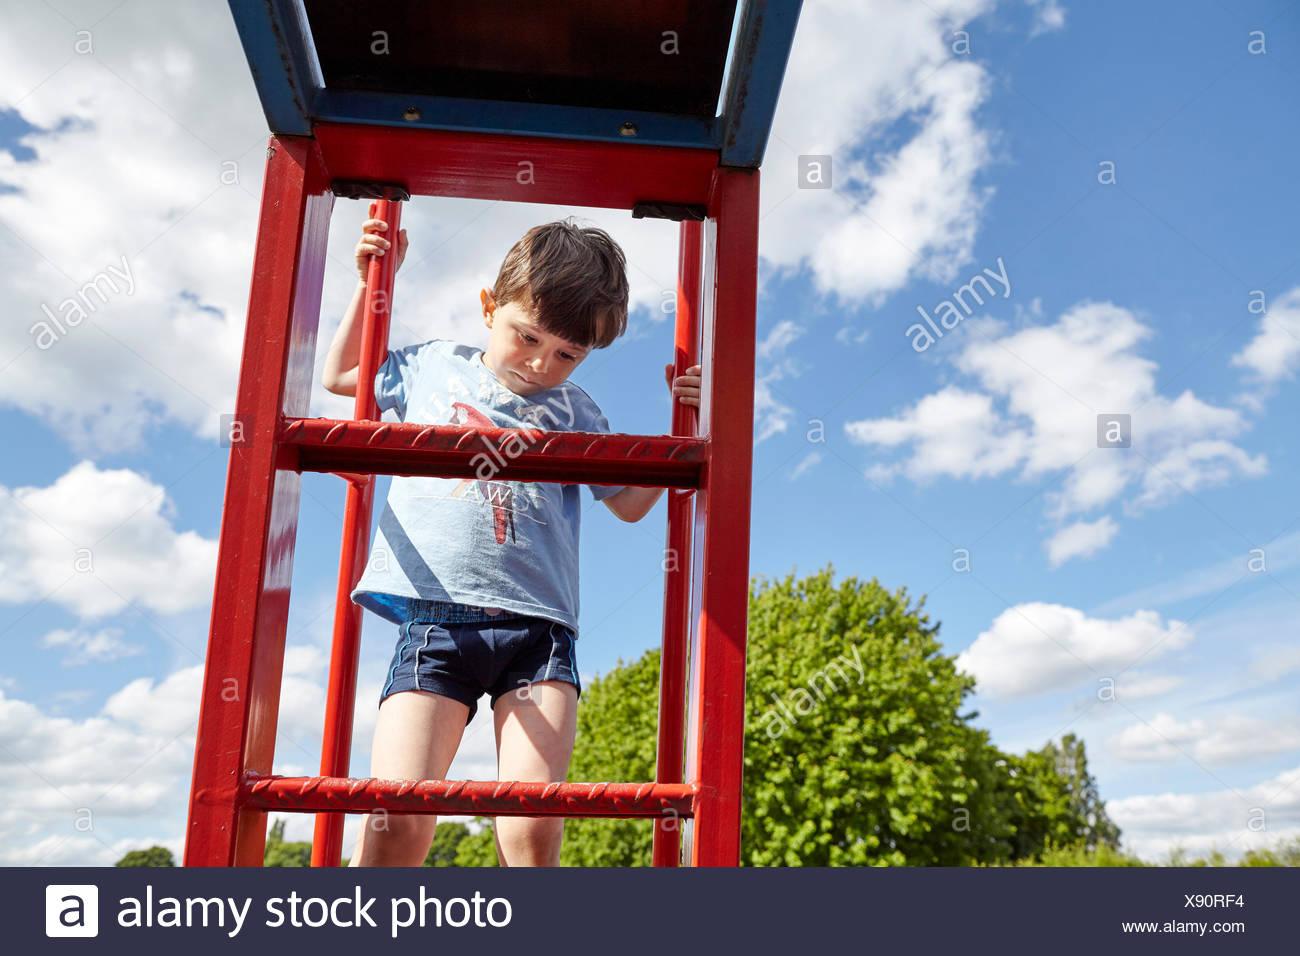 Boy climbing metal ladder - Stock Image